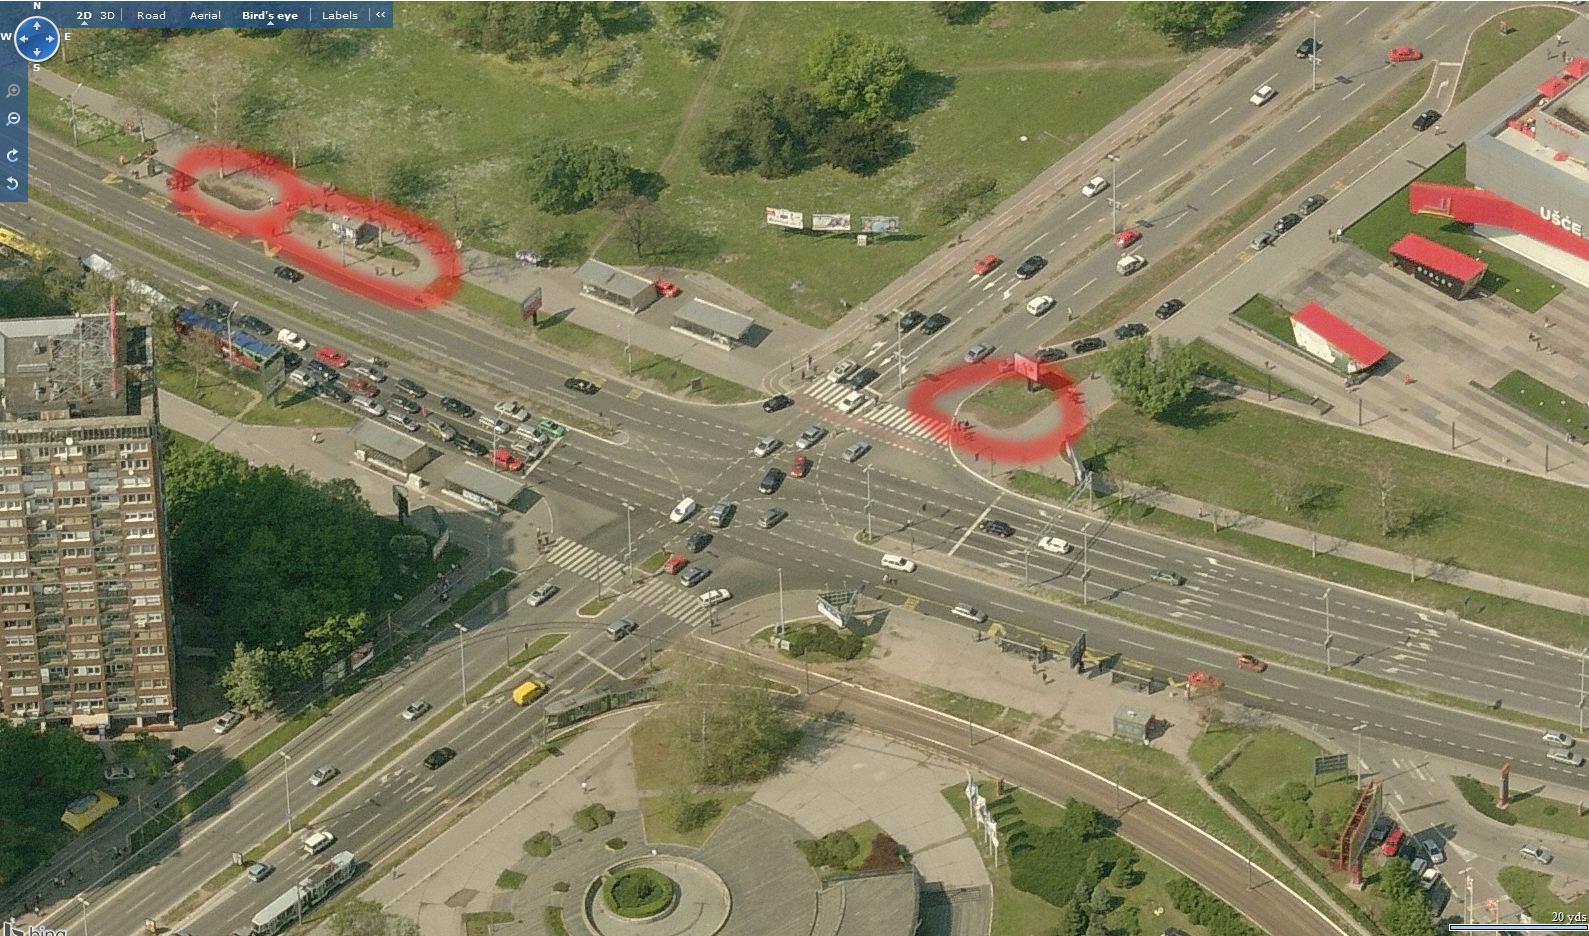 Predlog za preuređenje zelenih površina kod TC Ušće i autobuske stanice